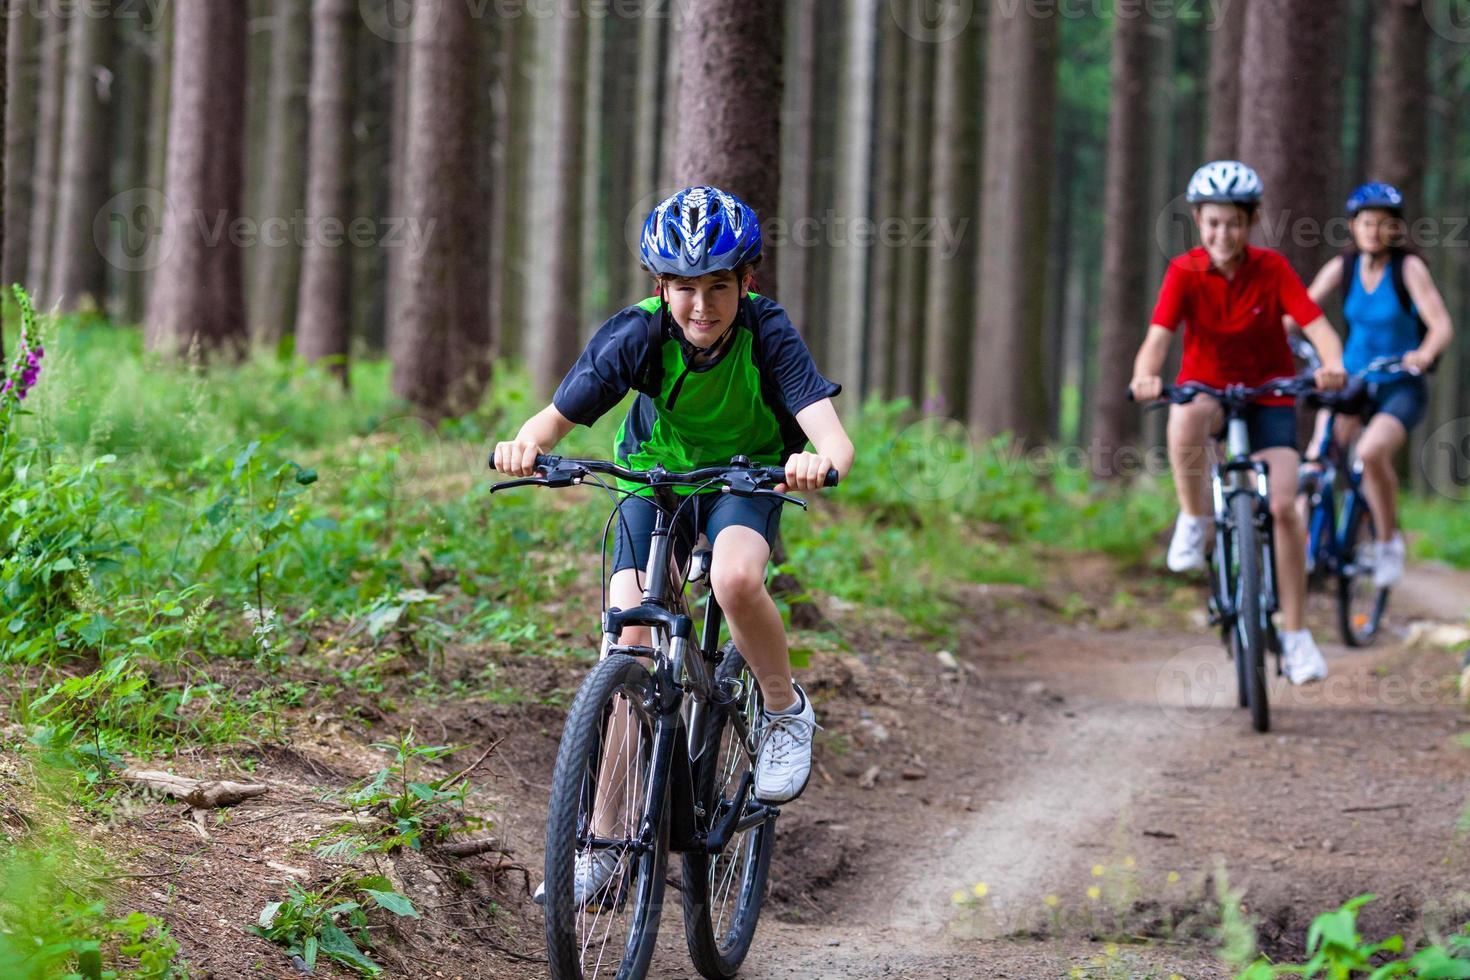 ciclismo familiare attivo foto